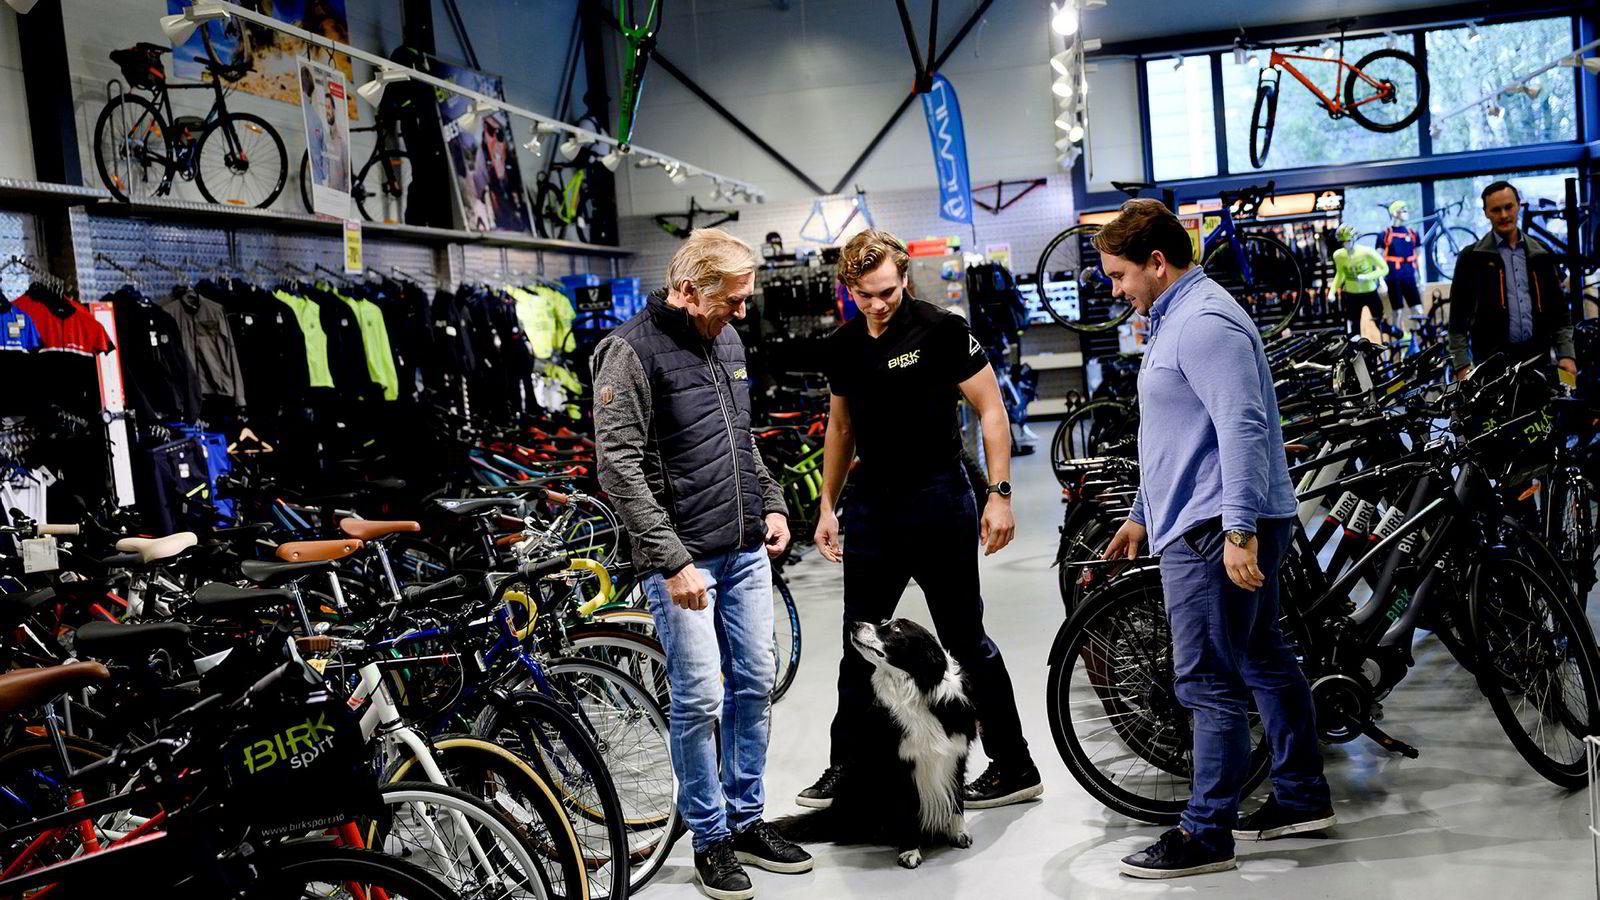 Fra venstre: Kai Nordgård, Kim Nordgård og Martin Nordgård Vermundsberget i Birk Sport avvikler to butikker. Hunden Birk i midten.